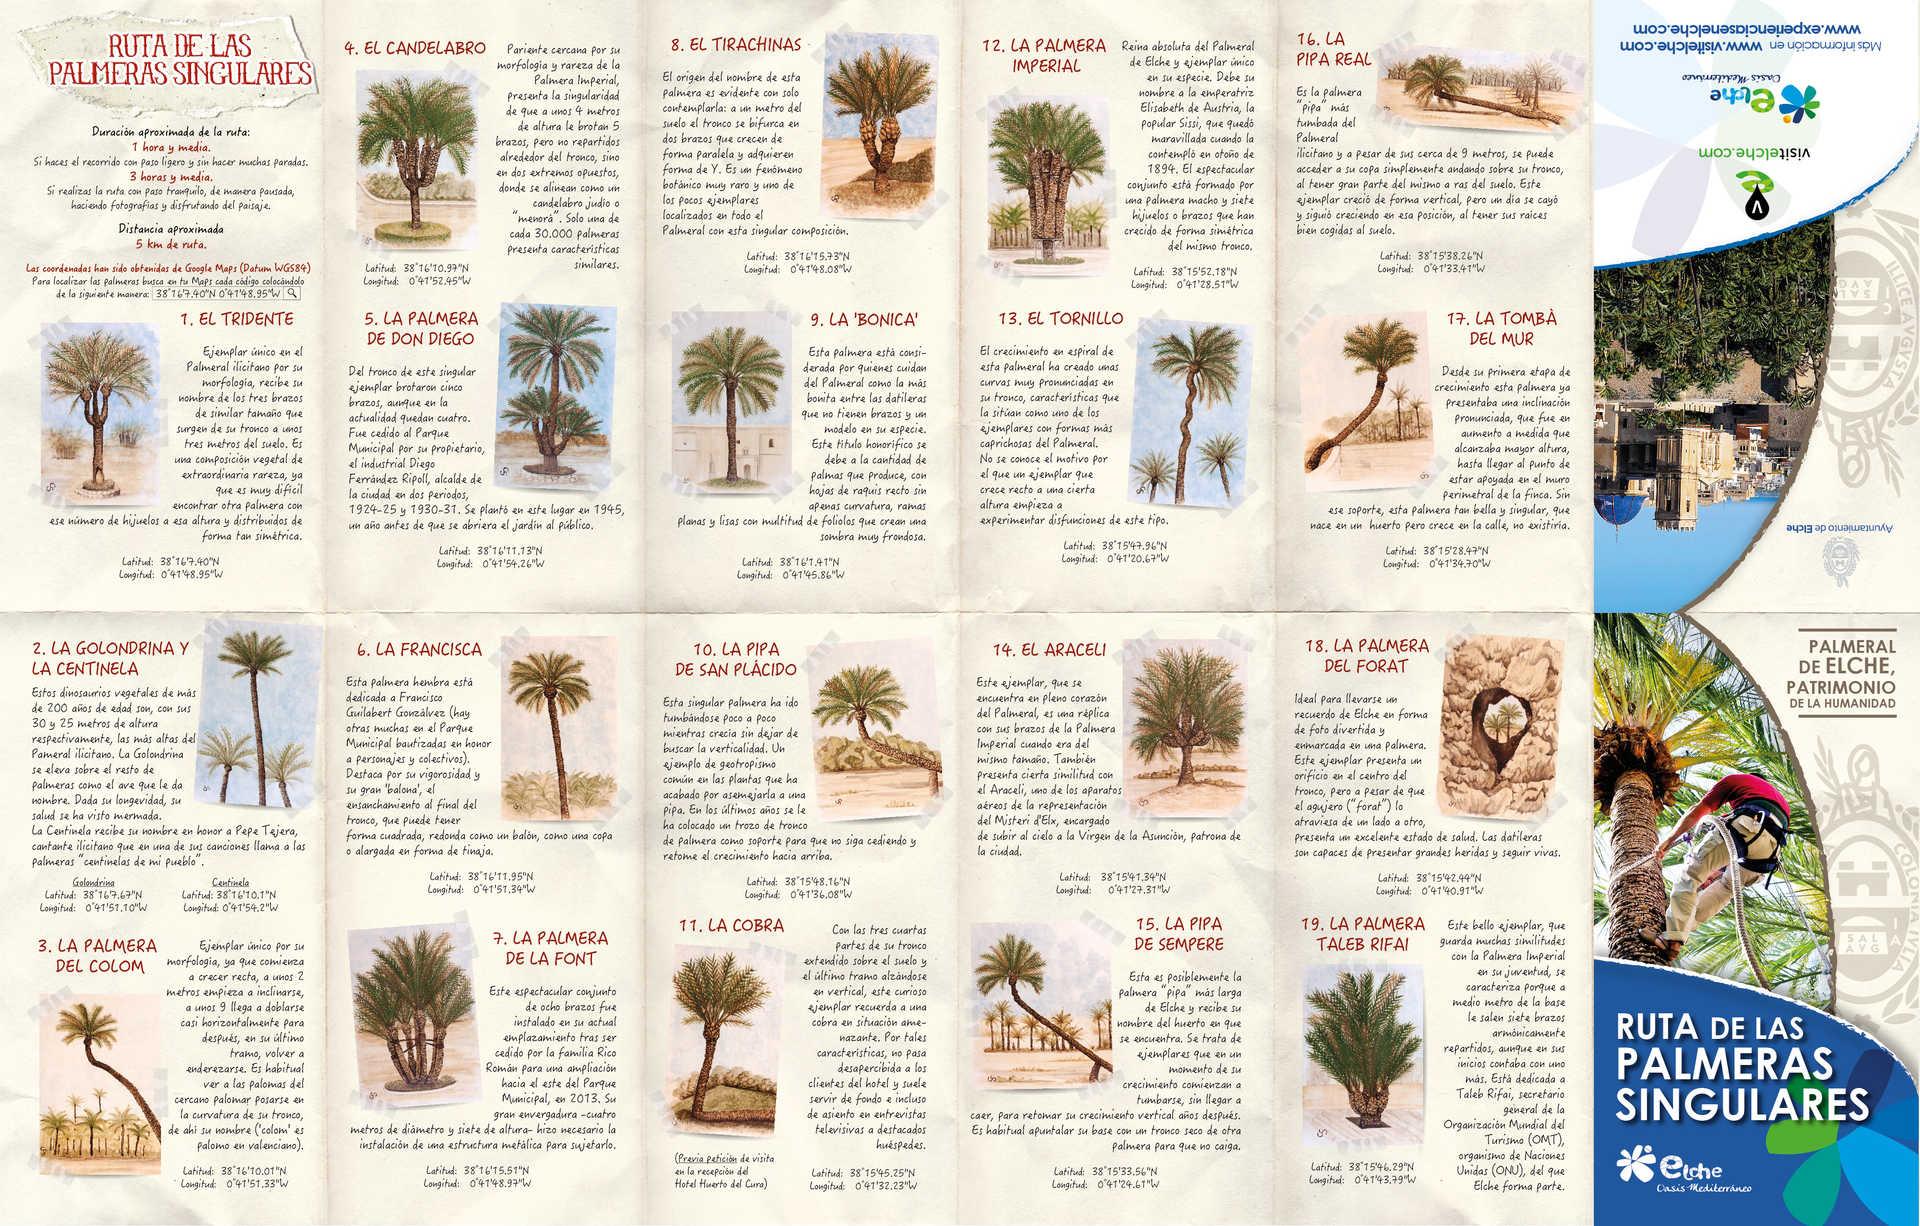 Ruta de las palmeras singulares